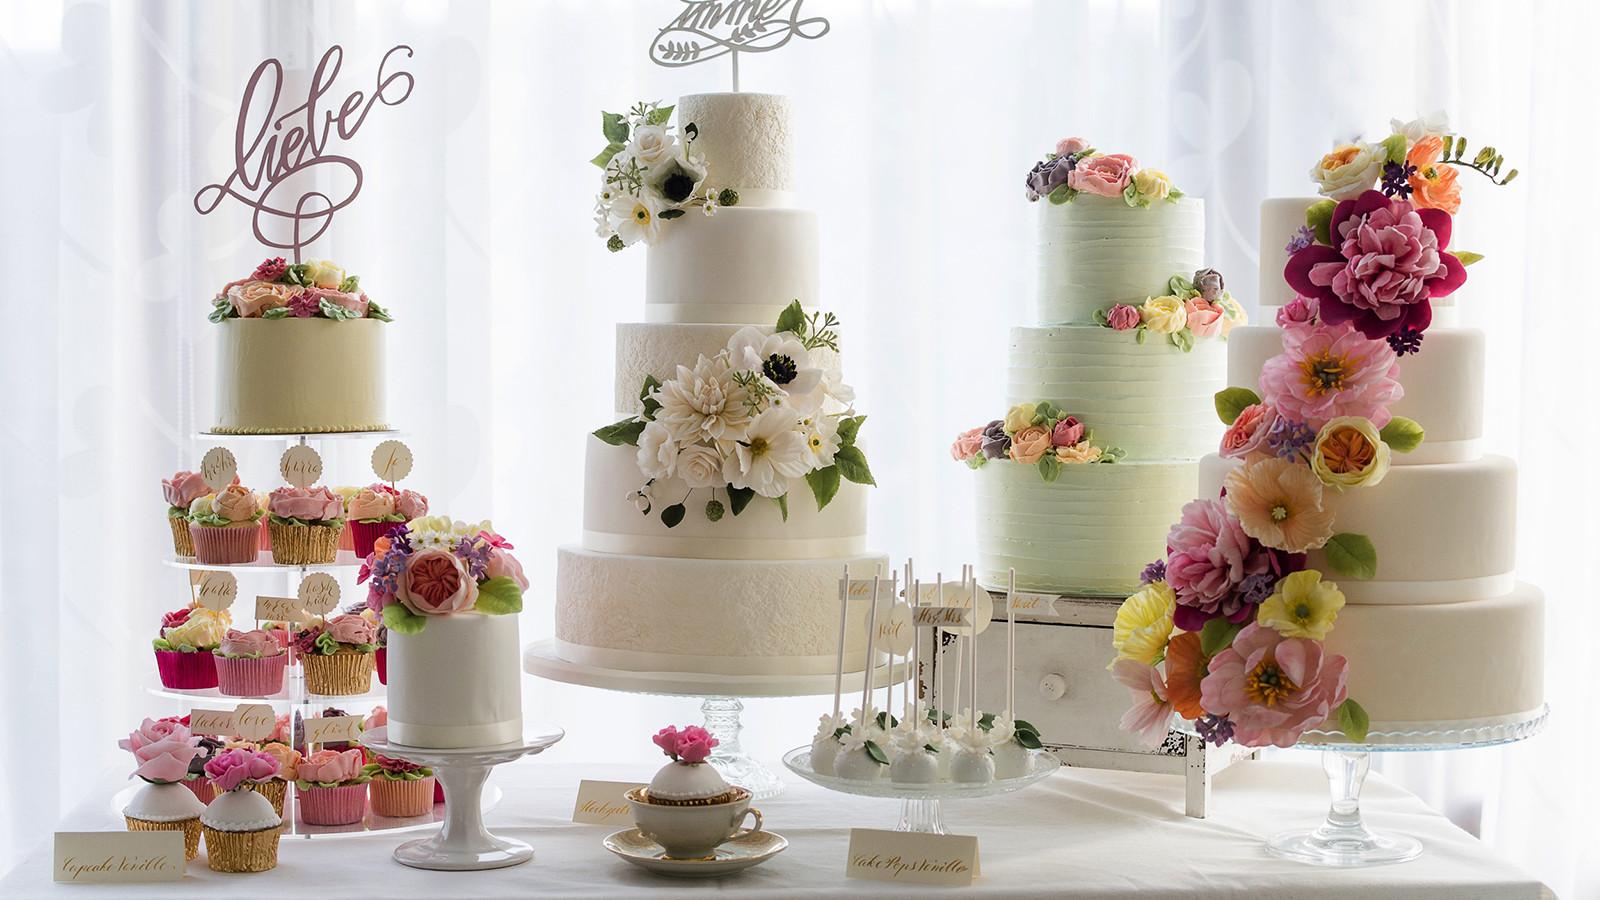 Hochzeitstorte Bestellen  Naschwerk & Co Willkommen